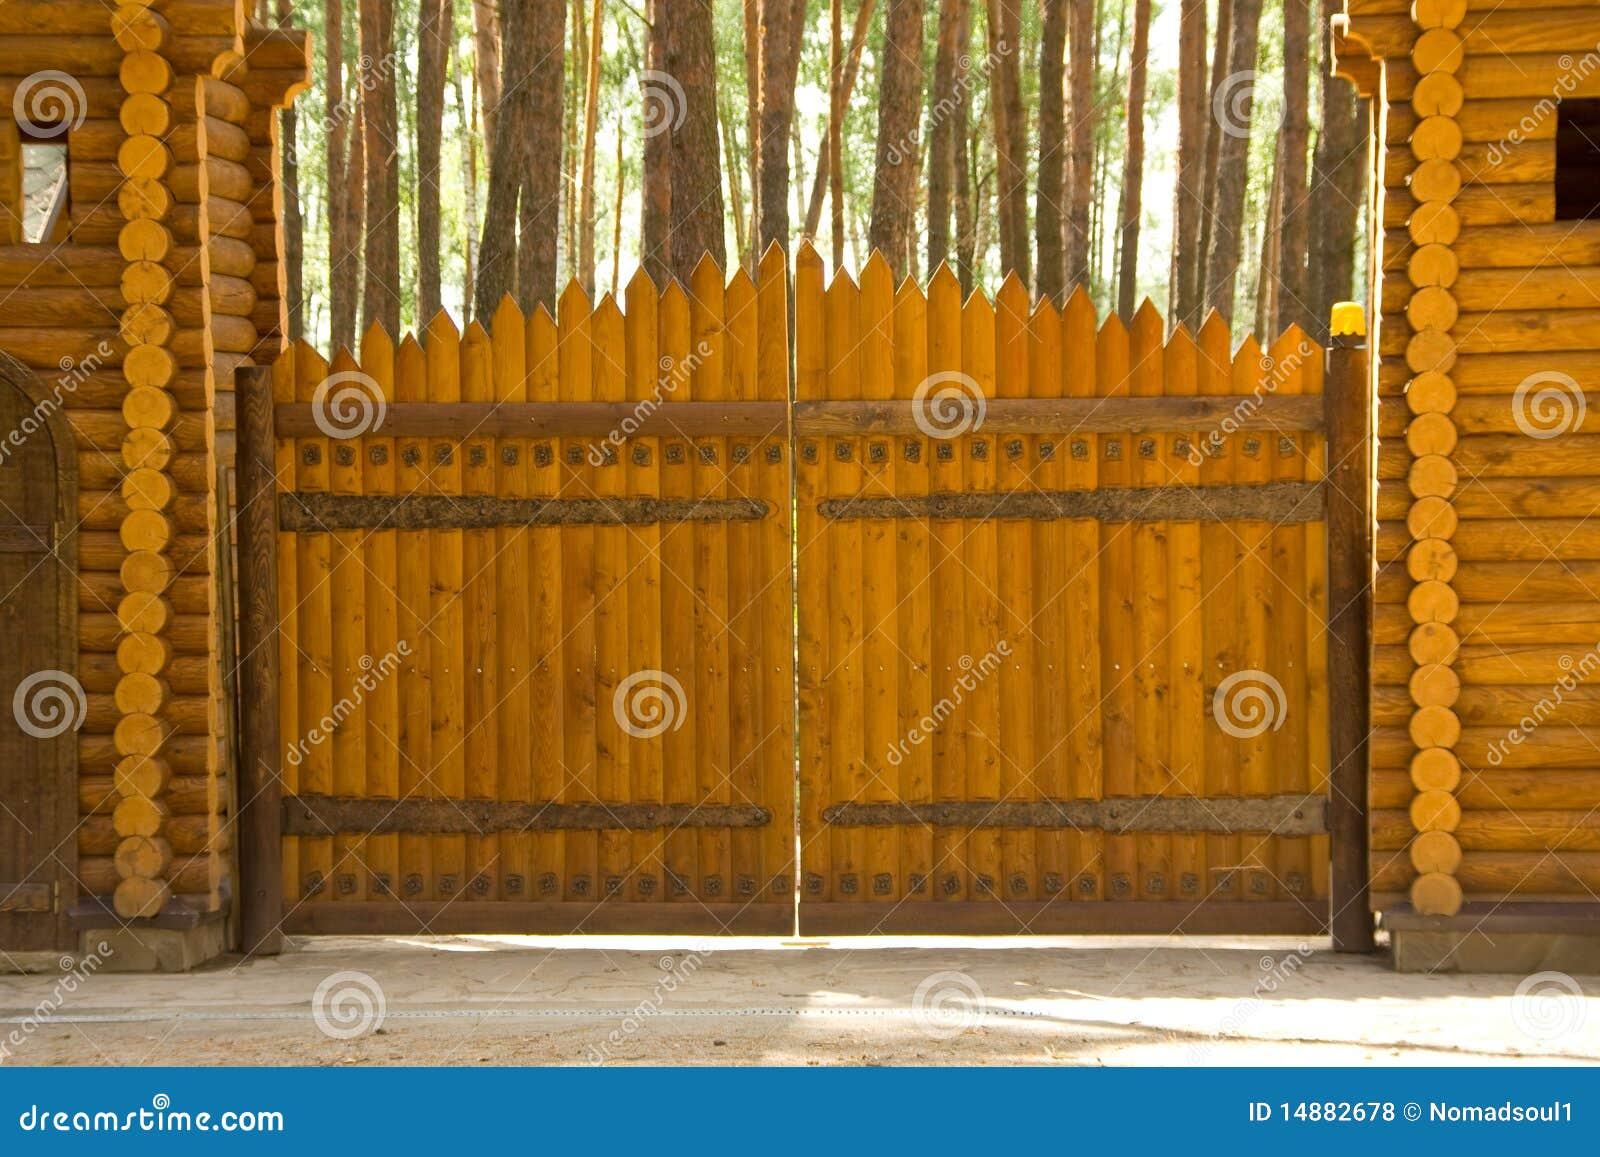 Grandi cancelli di legno fotografia stock immagine di portico 14882678 - Cancelli in legno per esterno ...